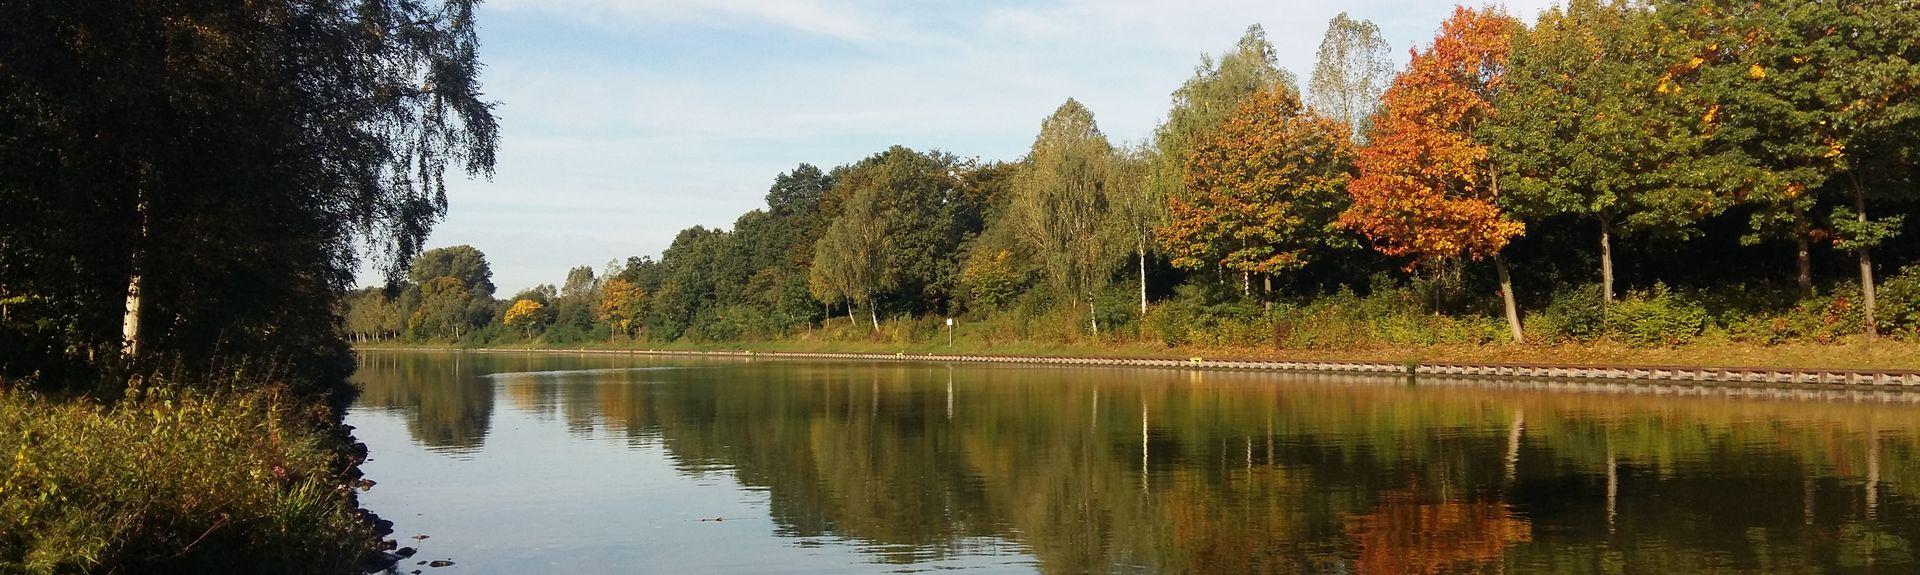 Münster, Rhénanie du Nord-Westphalie, Allemagne